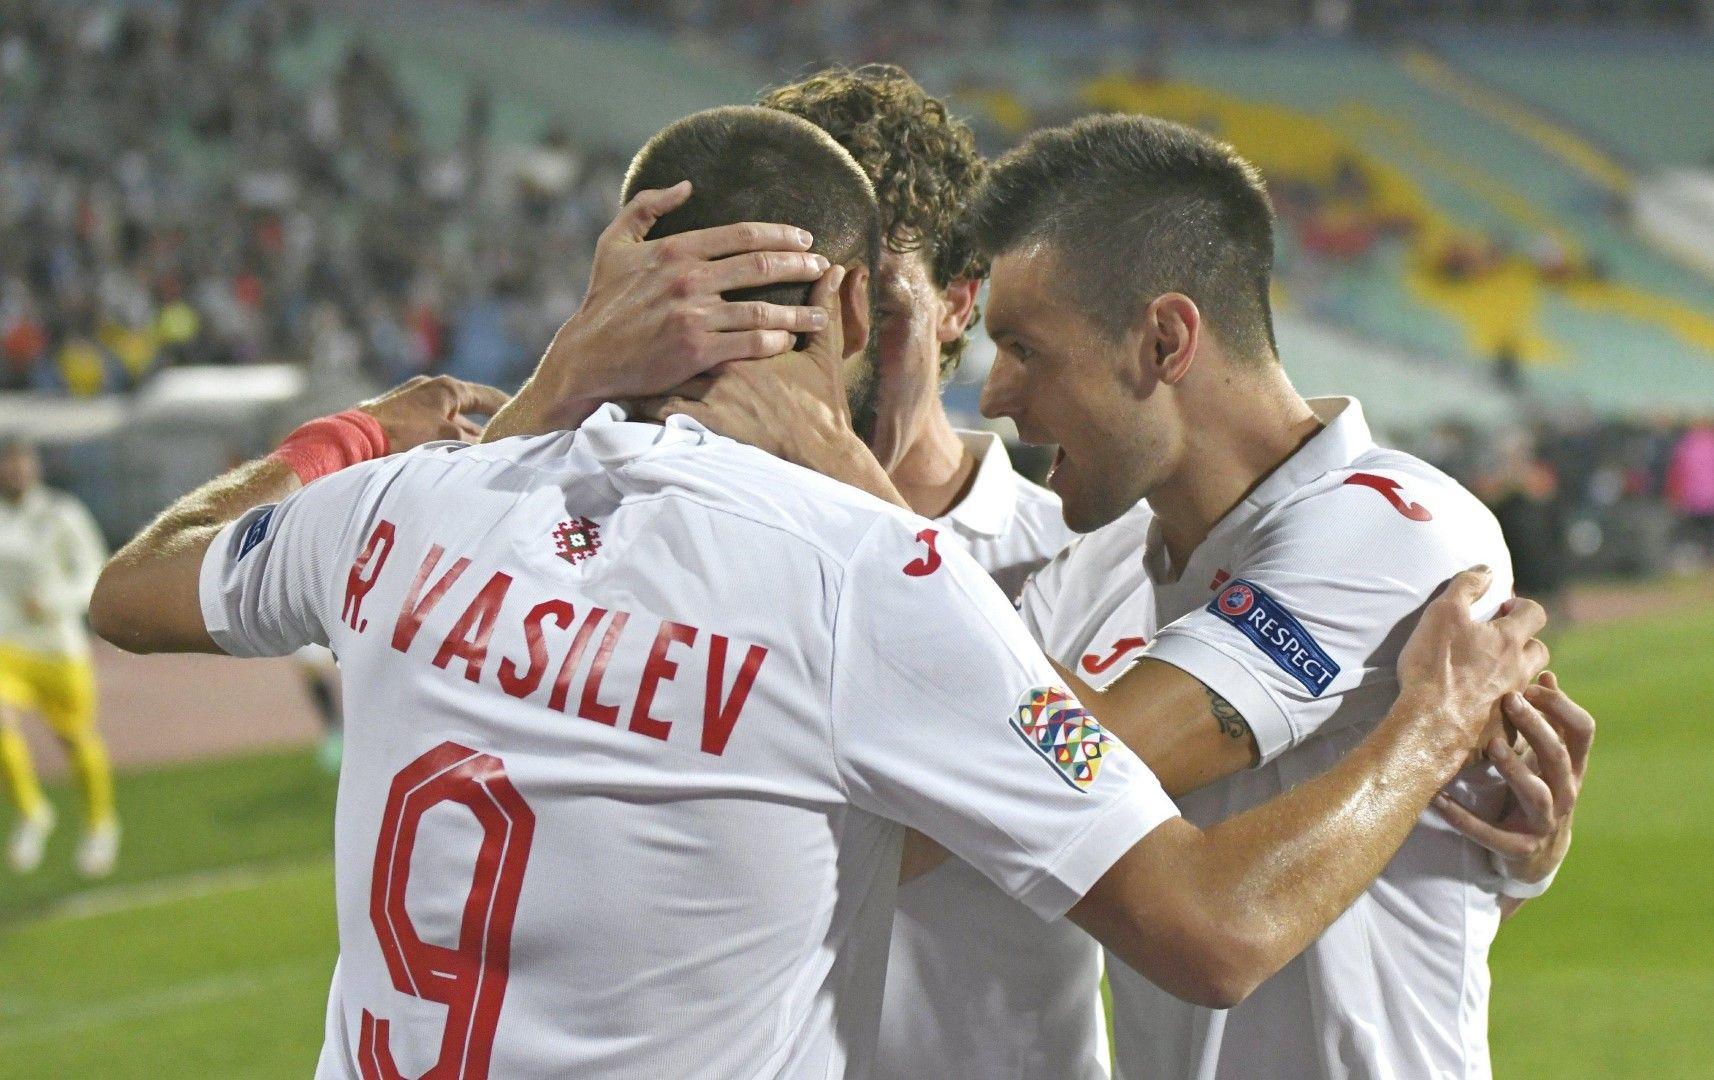 Ще празнува ли футболна България след седмица? (анкета)